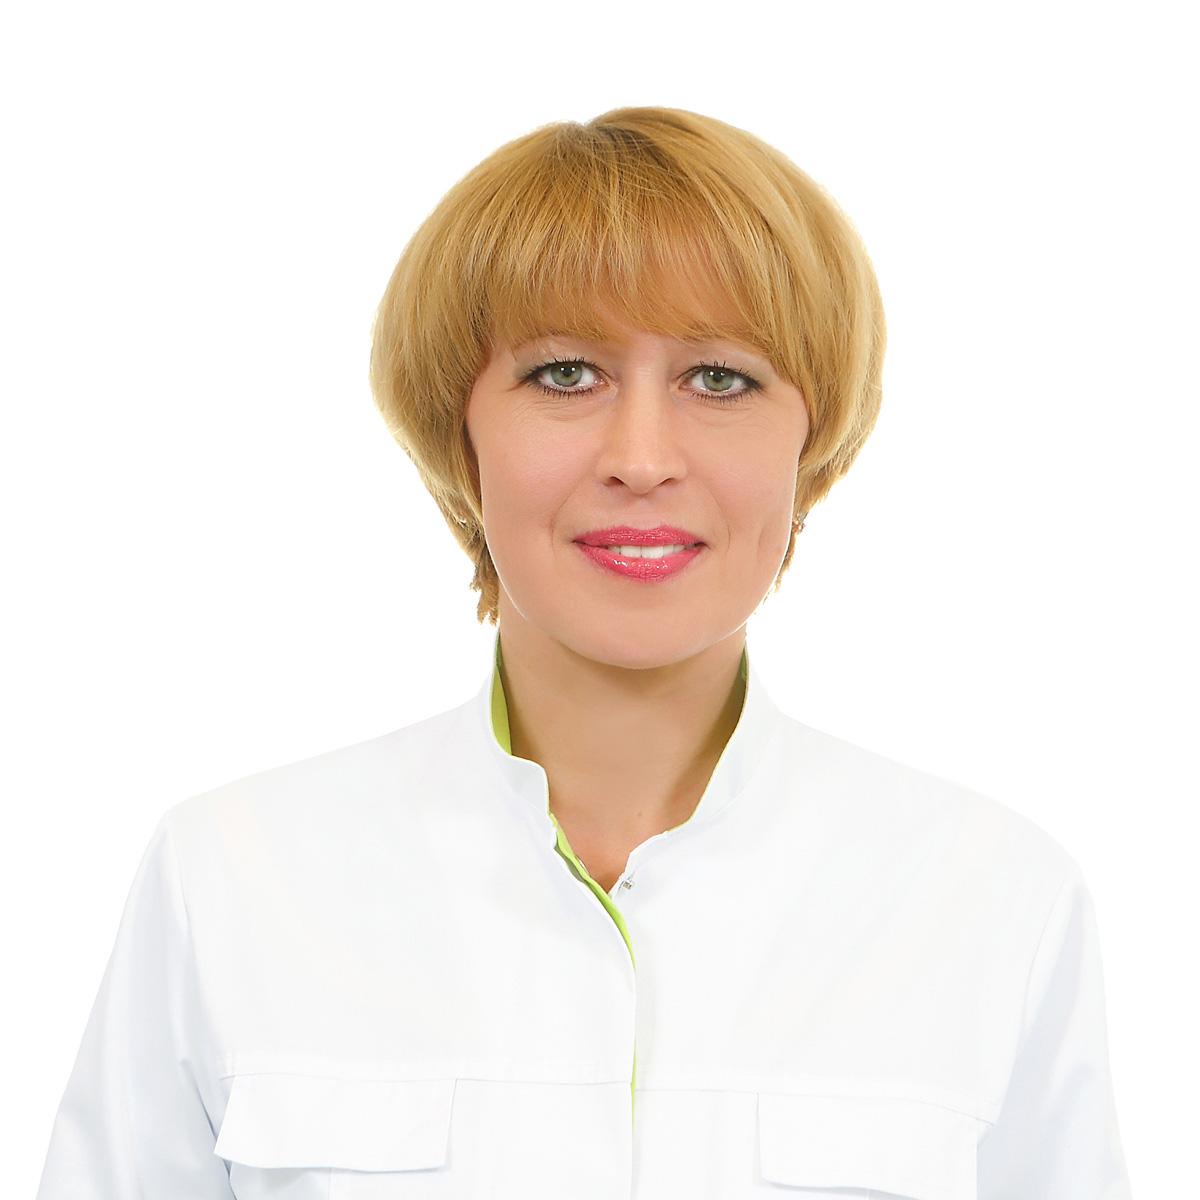 Мрясева Виктория Вячеславовна